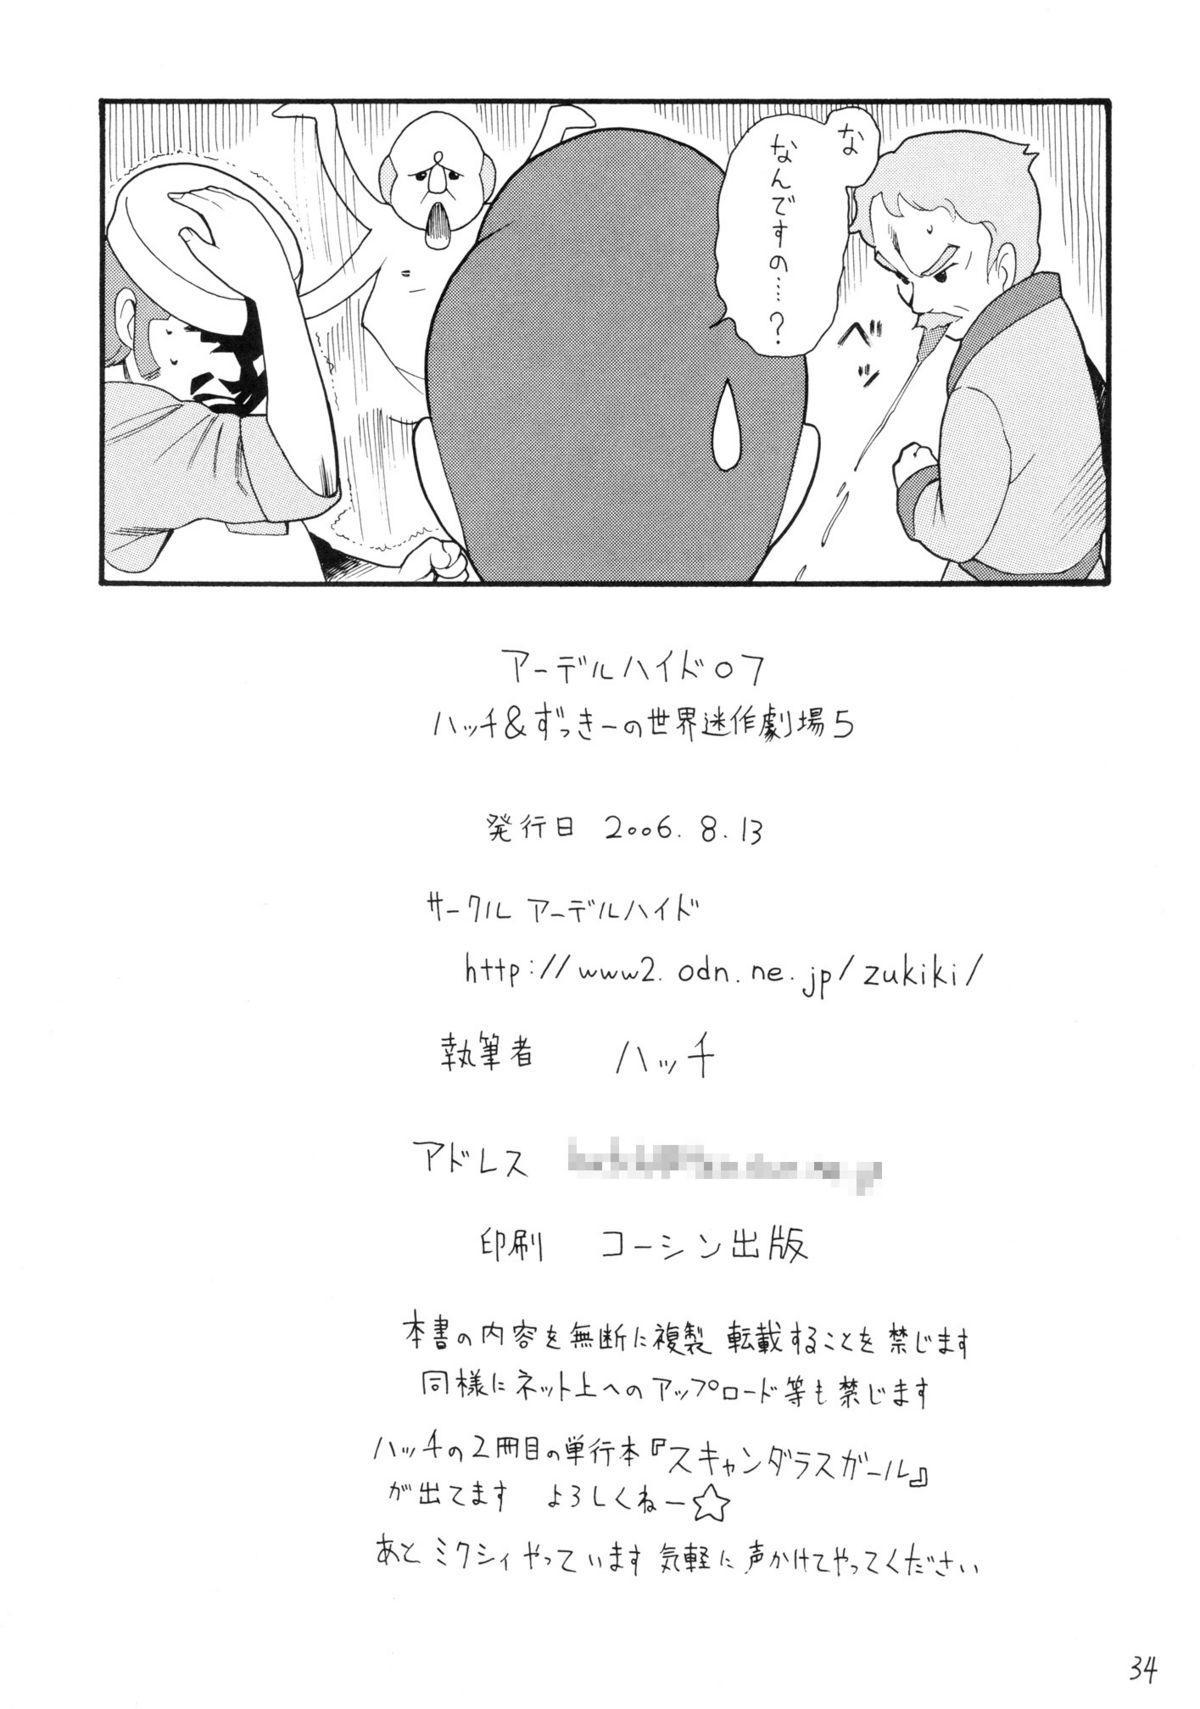 Hatch & Zukki no Sekai Meisaku Gekijou 5 33